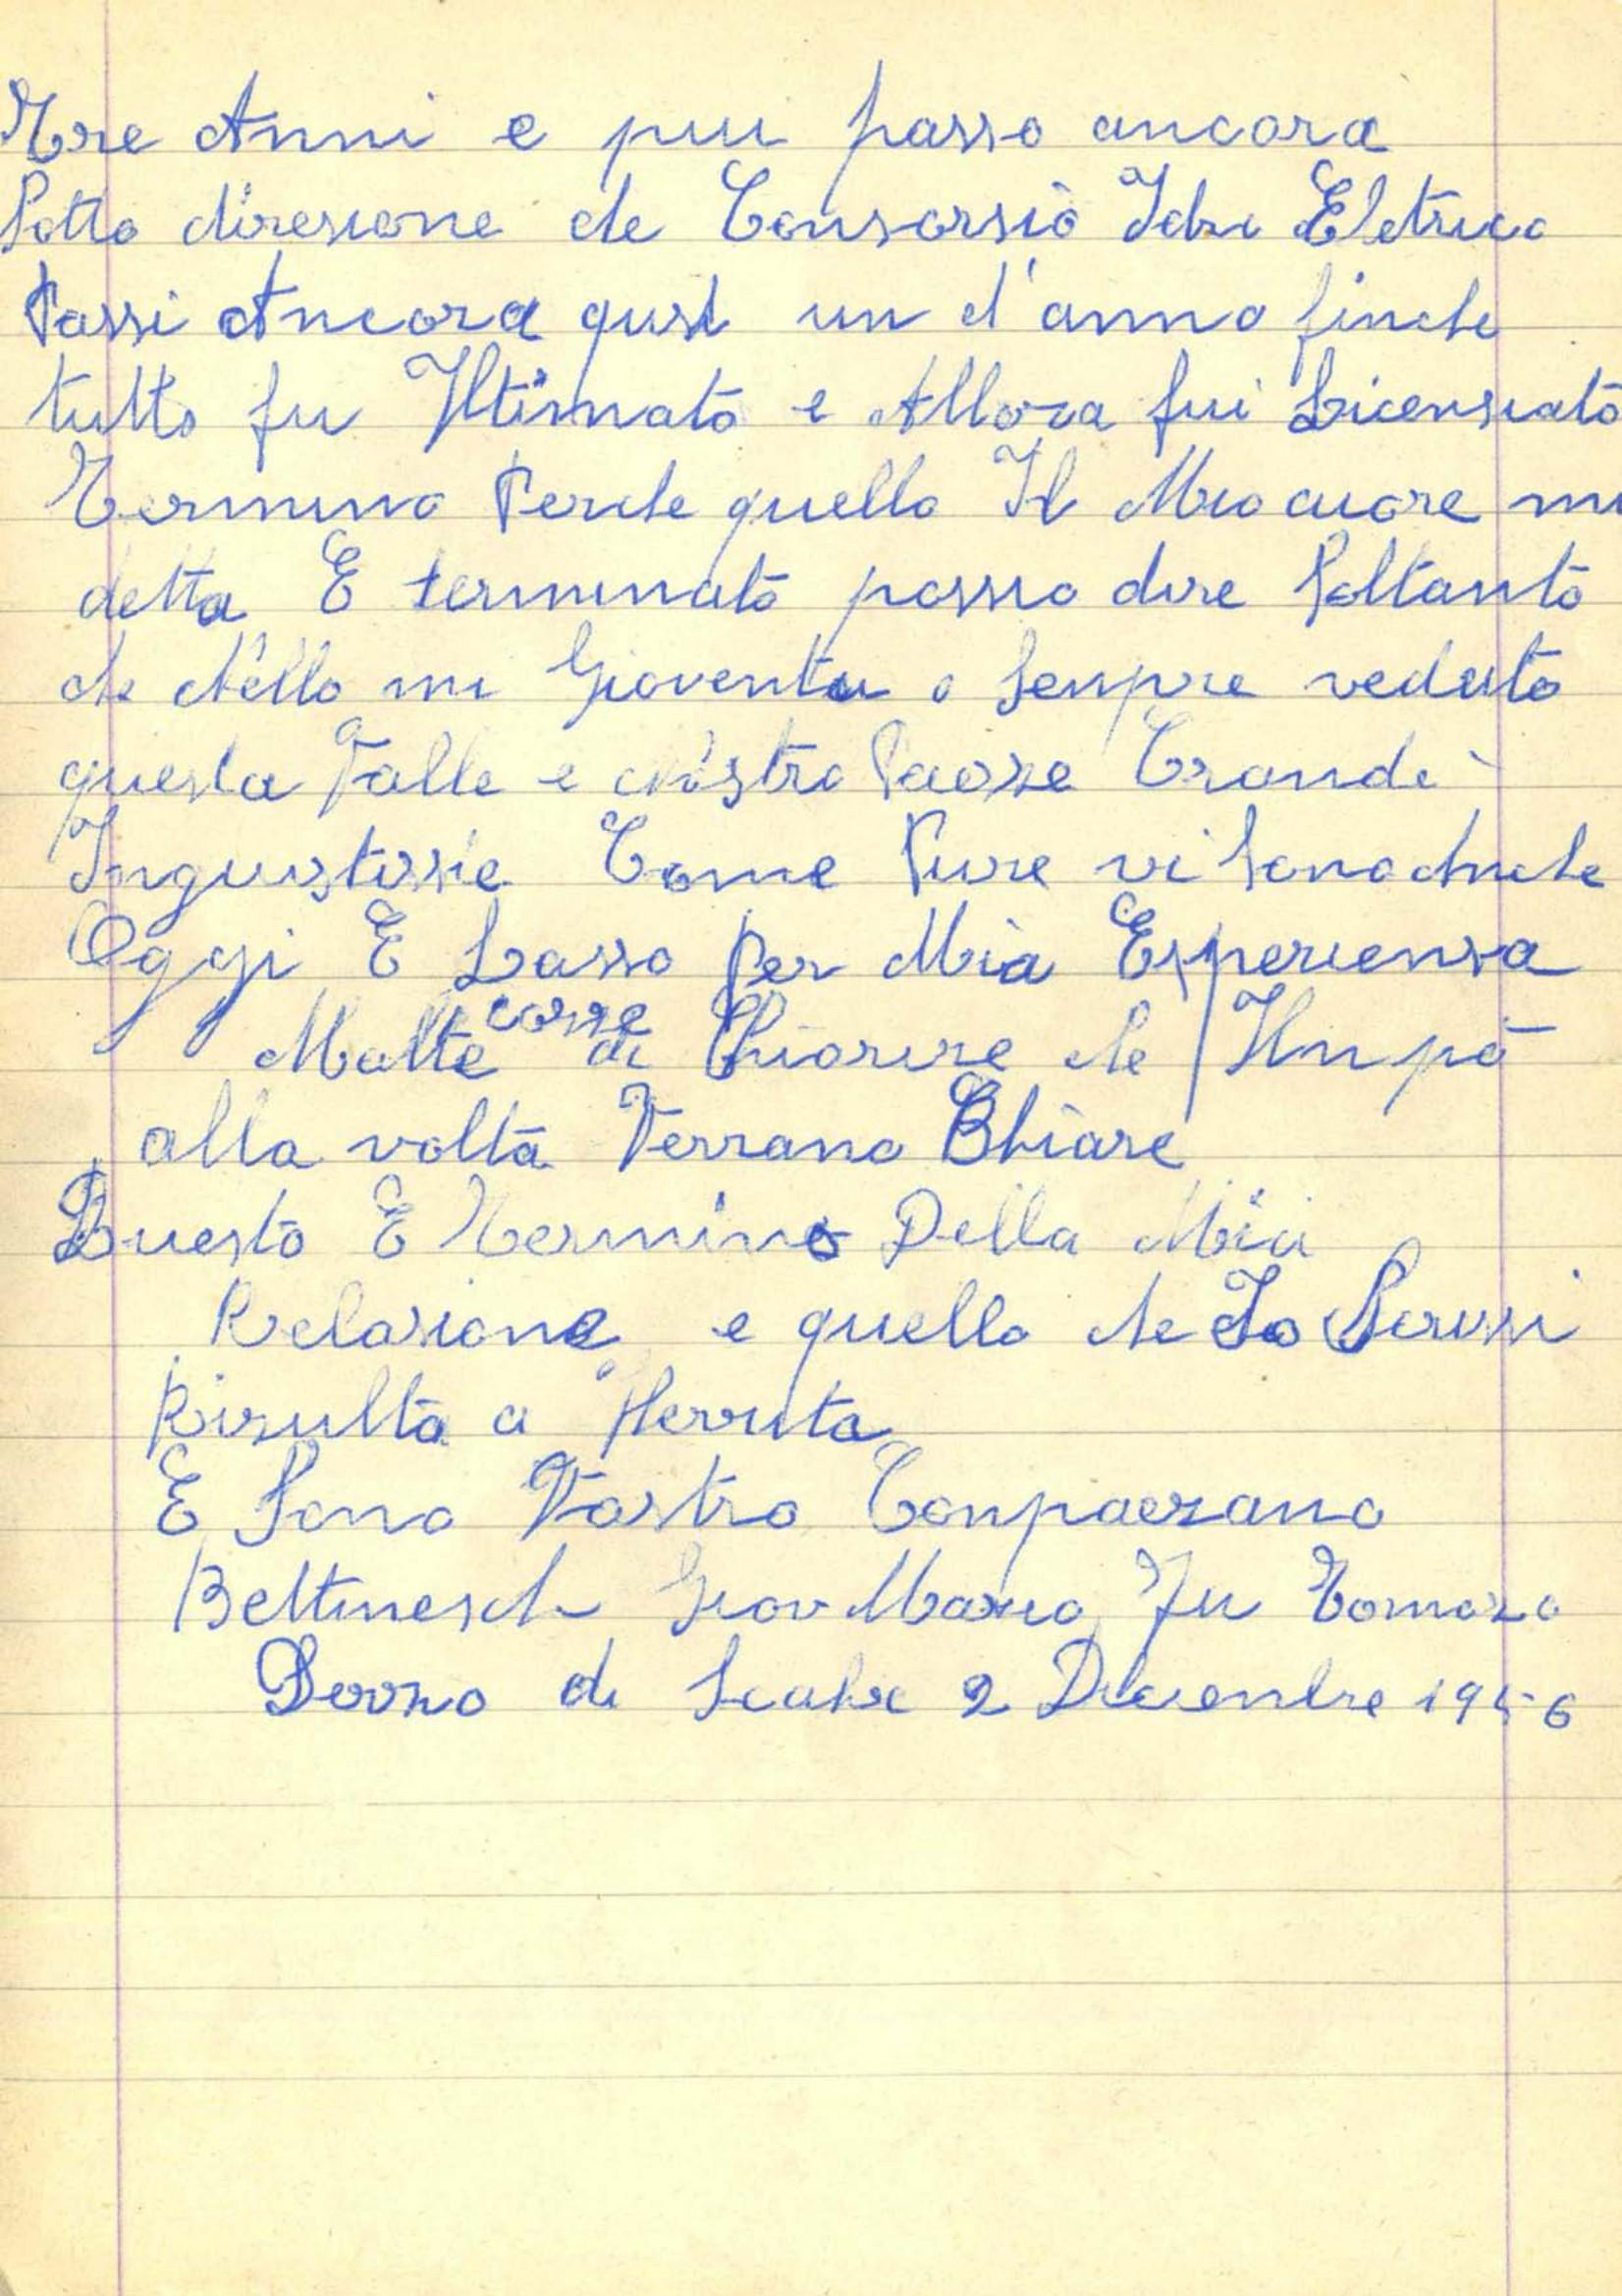 Lettera di Bettineschi Giovanmaria di Tomaso_13